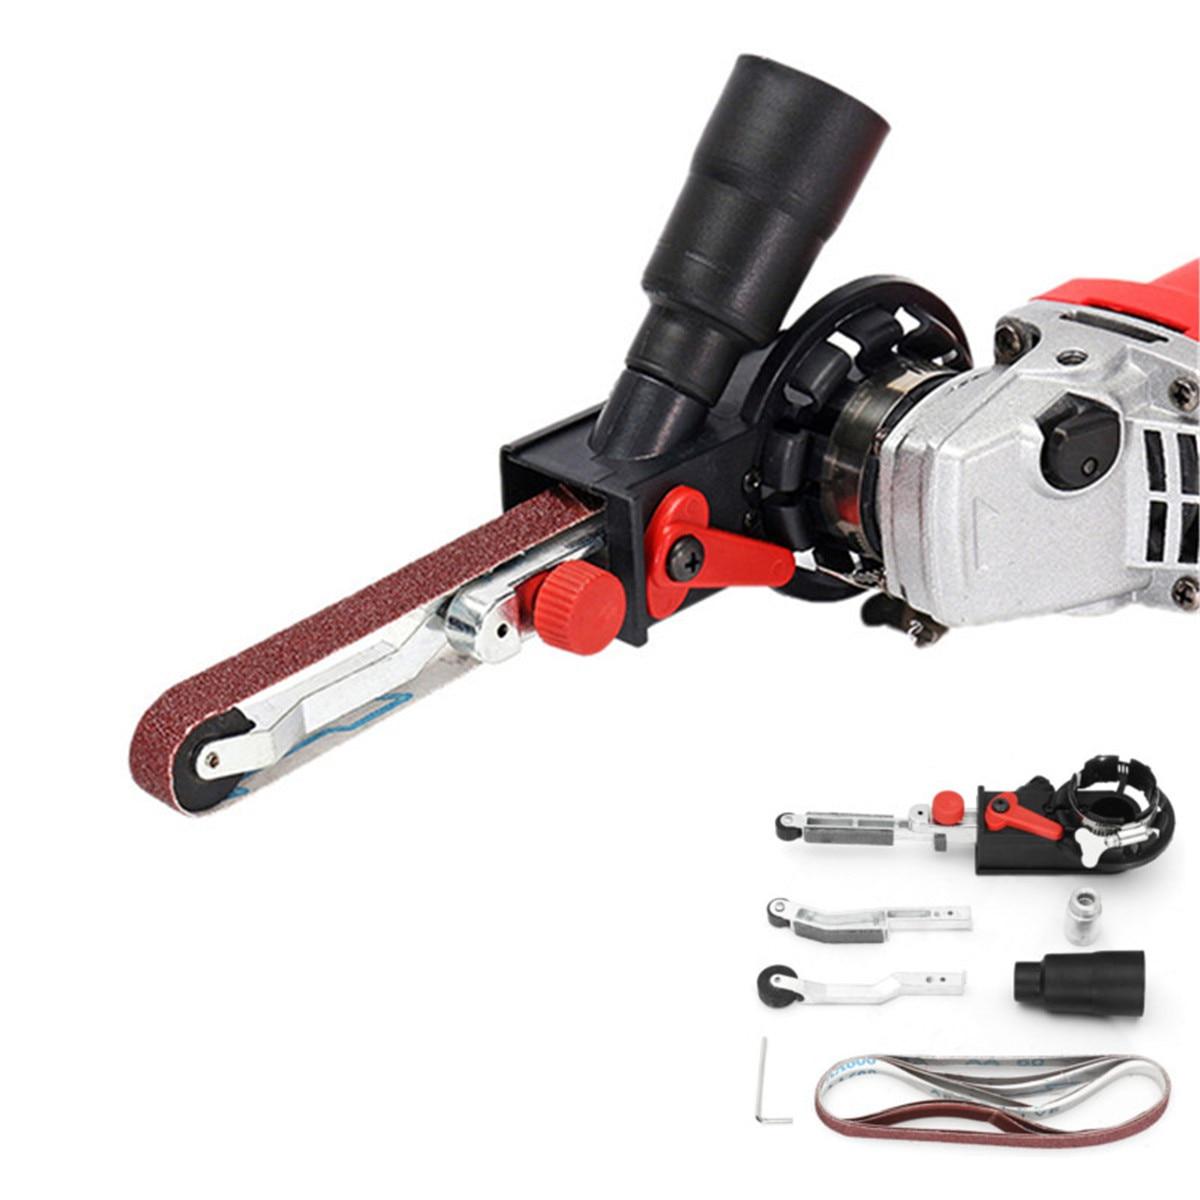 Nuevo Sander lijado cinturón adaptador para 115/125 amoladora angular eléctrica con M14 hilo husillo para trabajar la madera Metalurgia